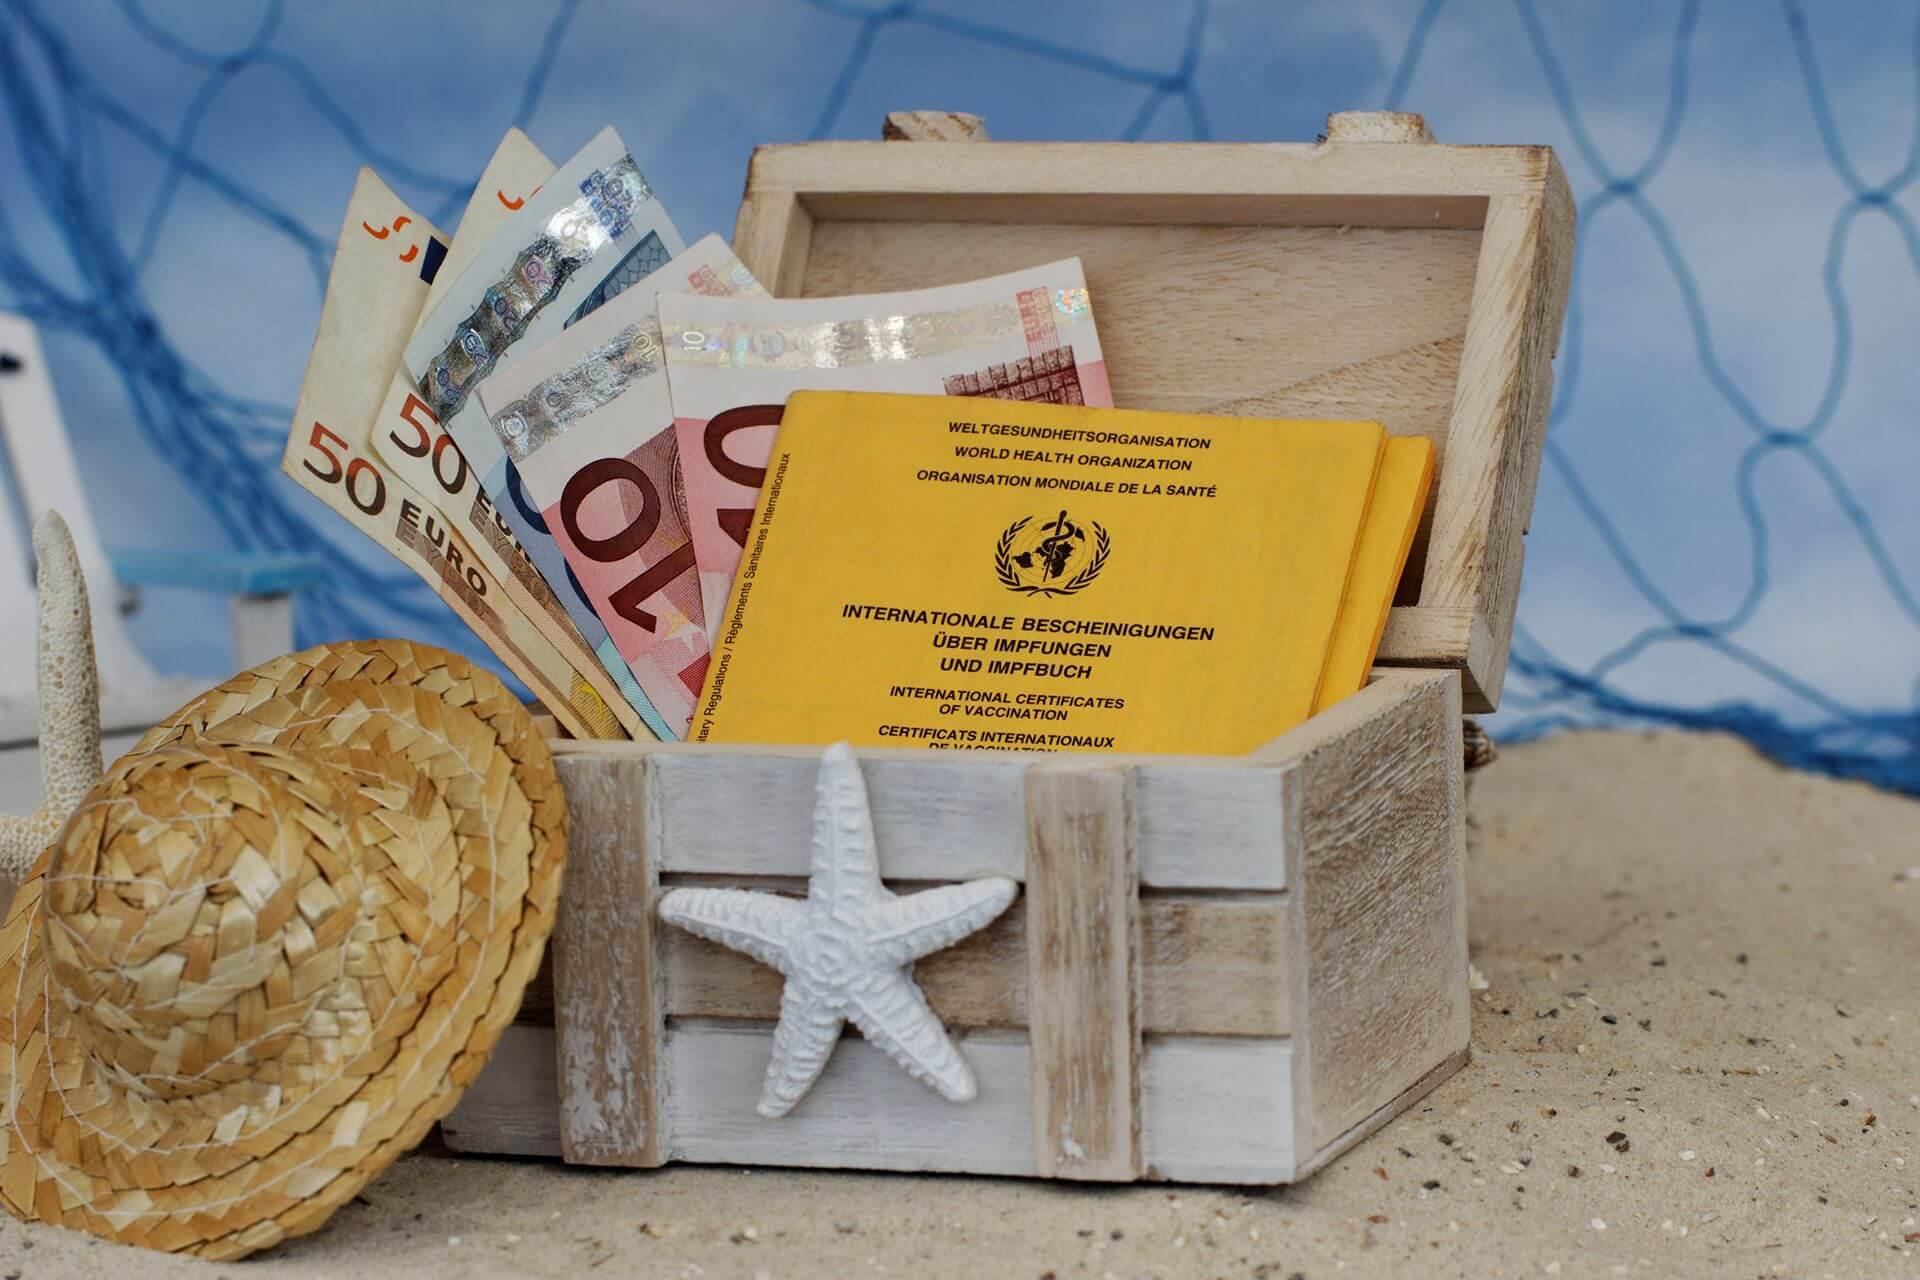 Reisekasse mit Euro-Scheinen und Impfpässen.